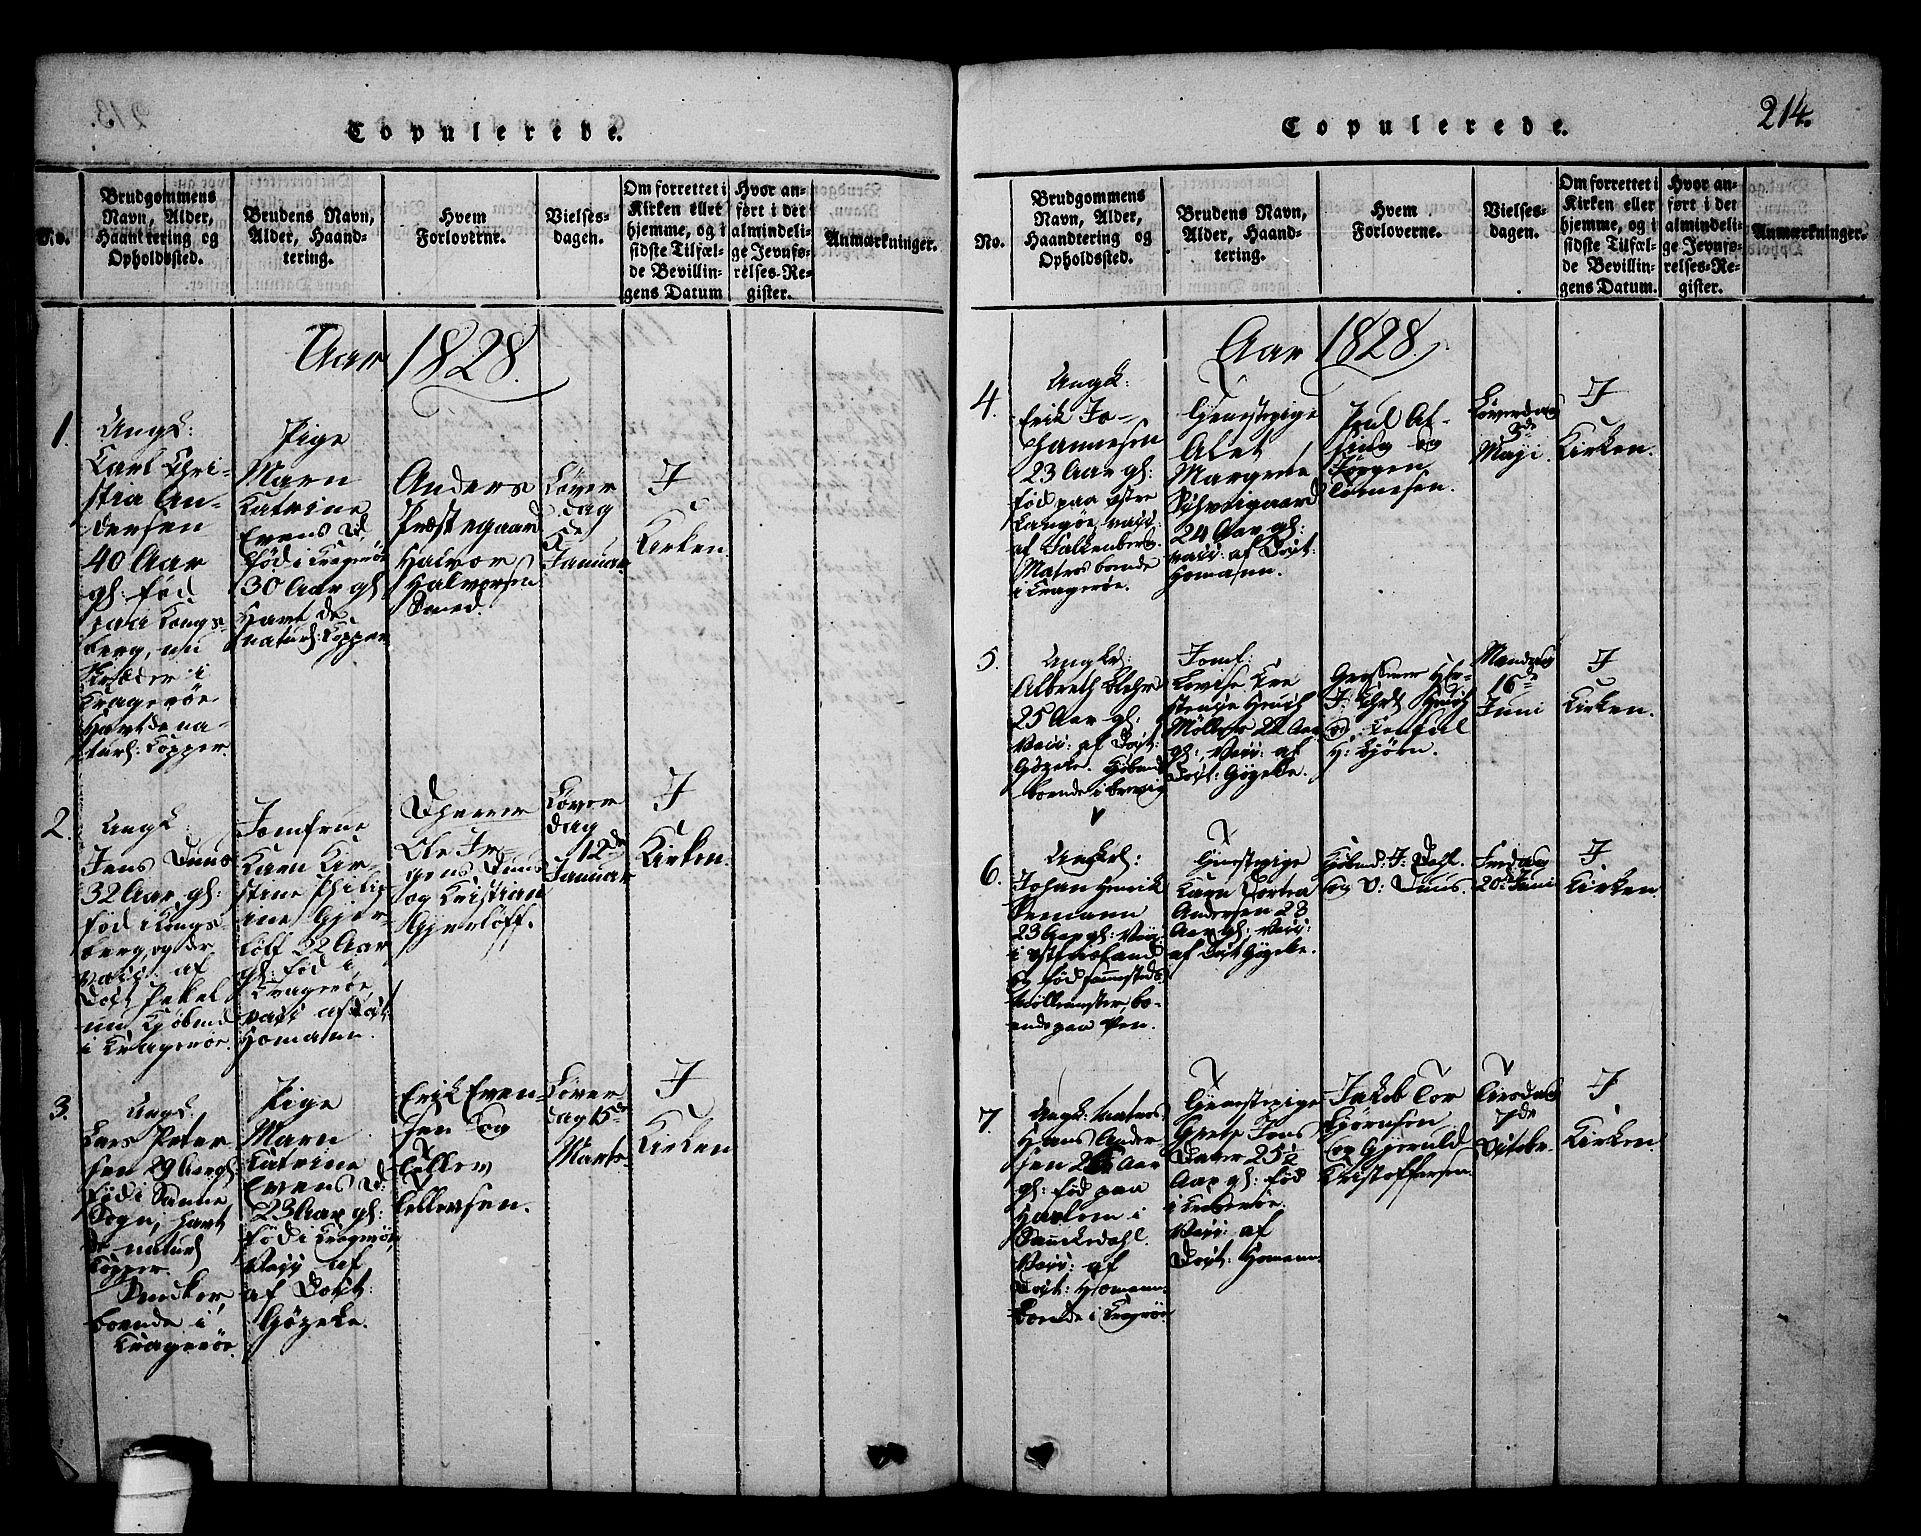 SAKO, Kragerø kirkebøker, G/Ga/L0002: Klokkerbok nr. 2, 1814-1831, s. 214